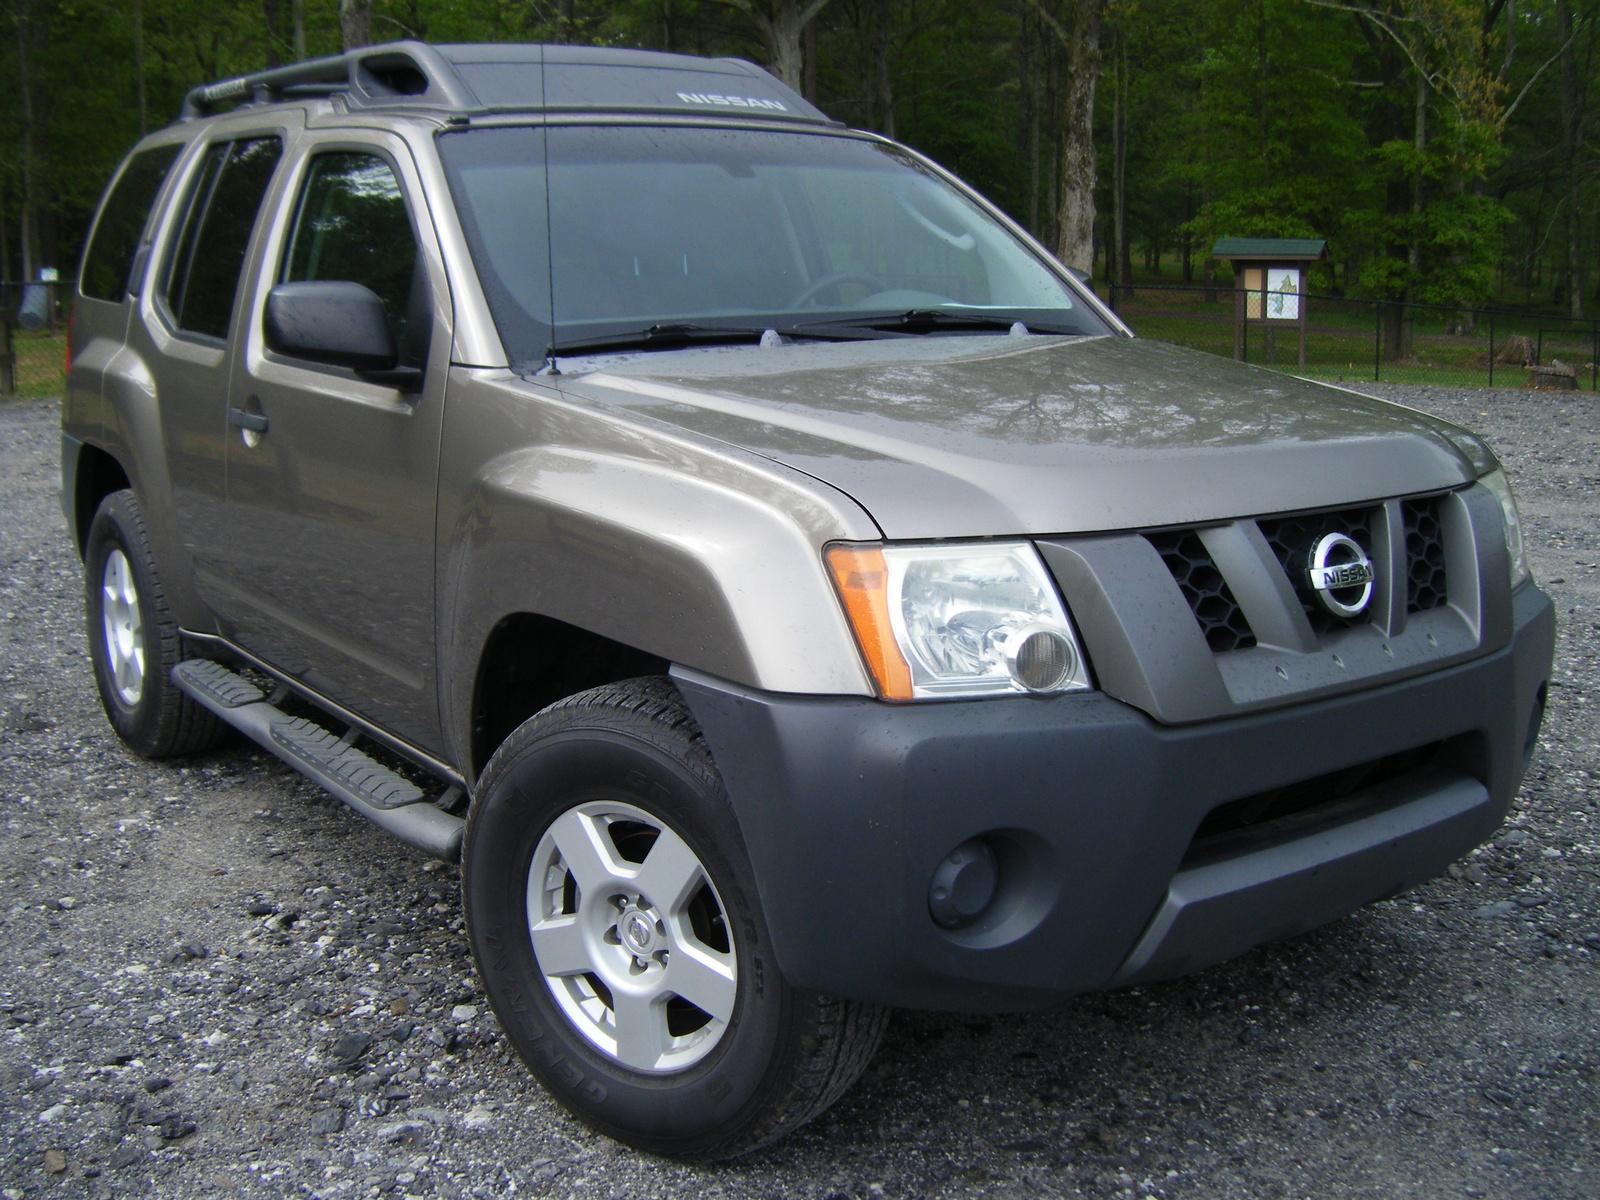 2005 Nissan Xterra CarGurus